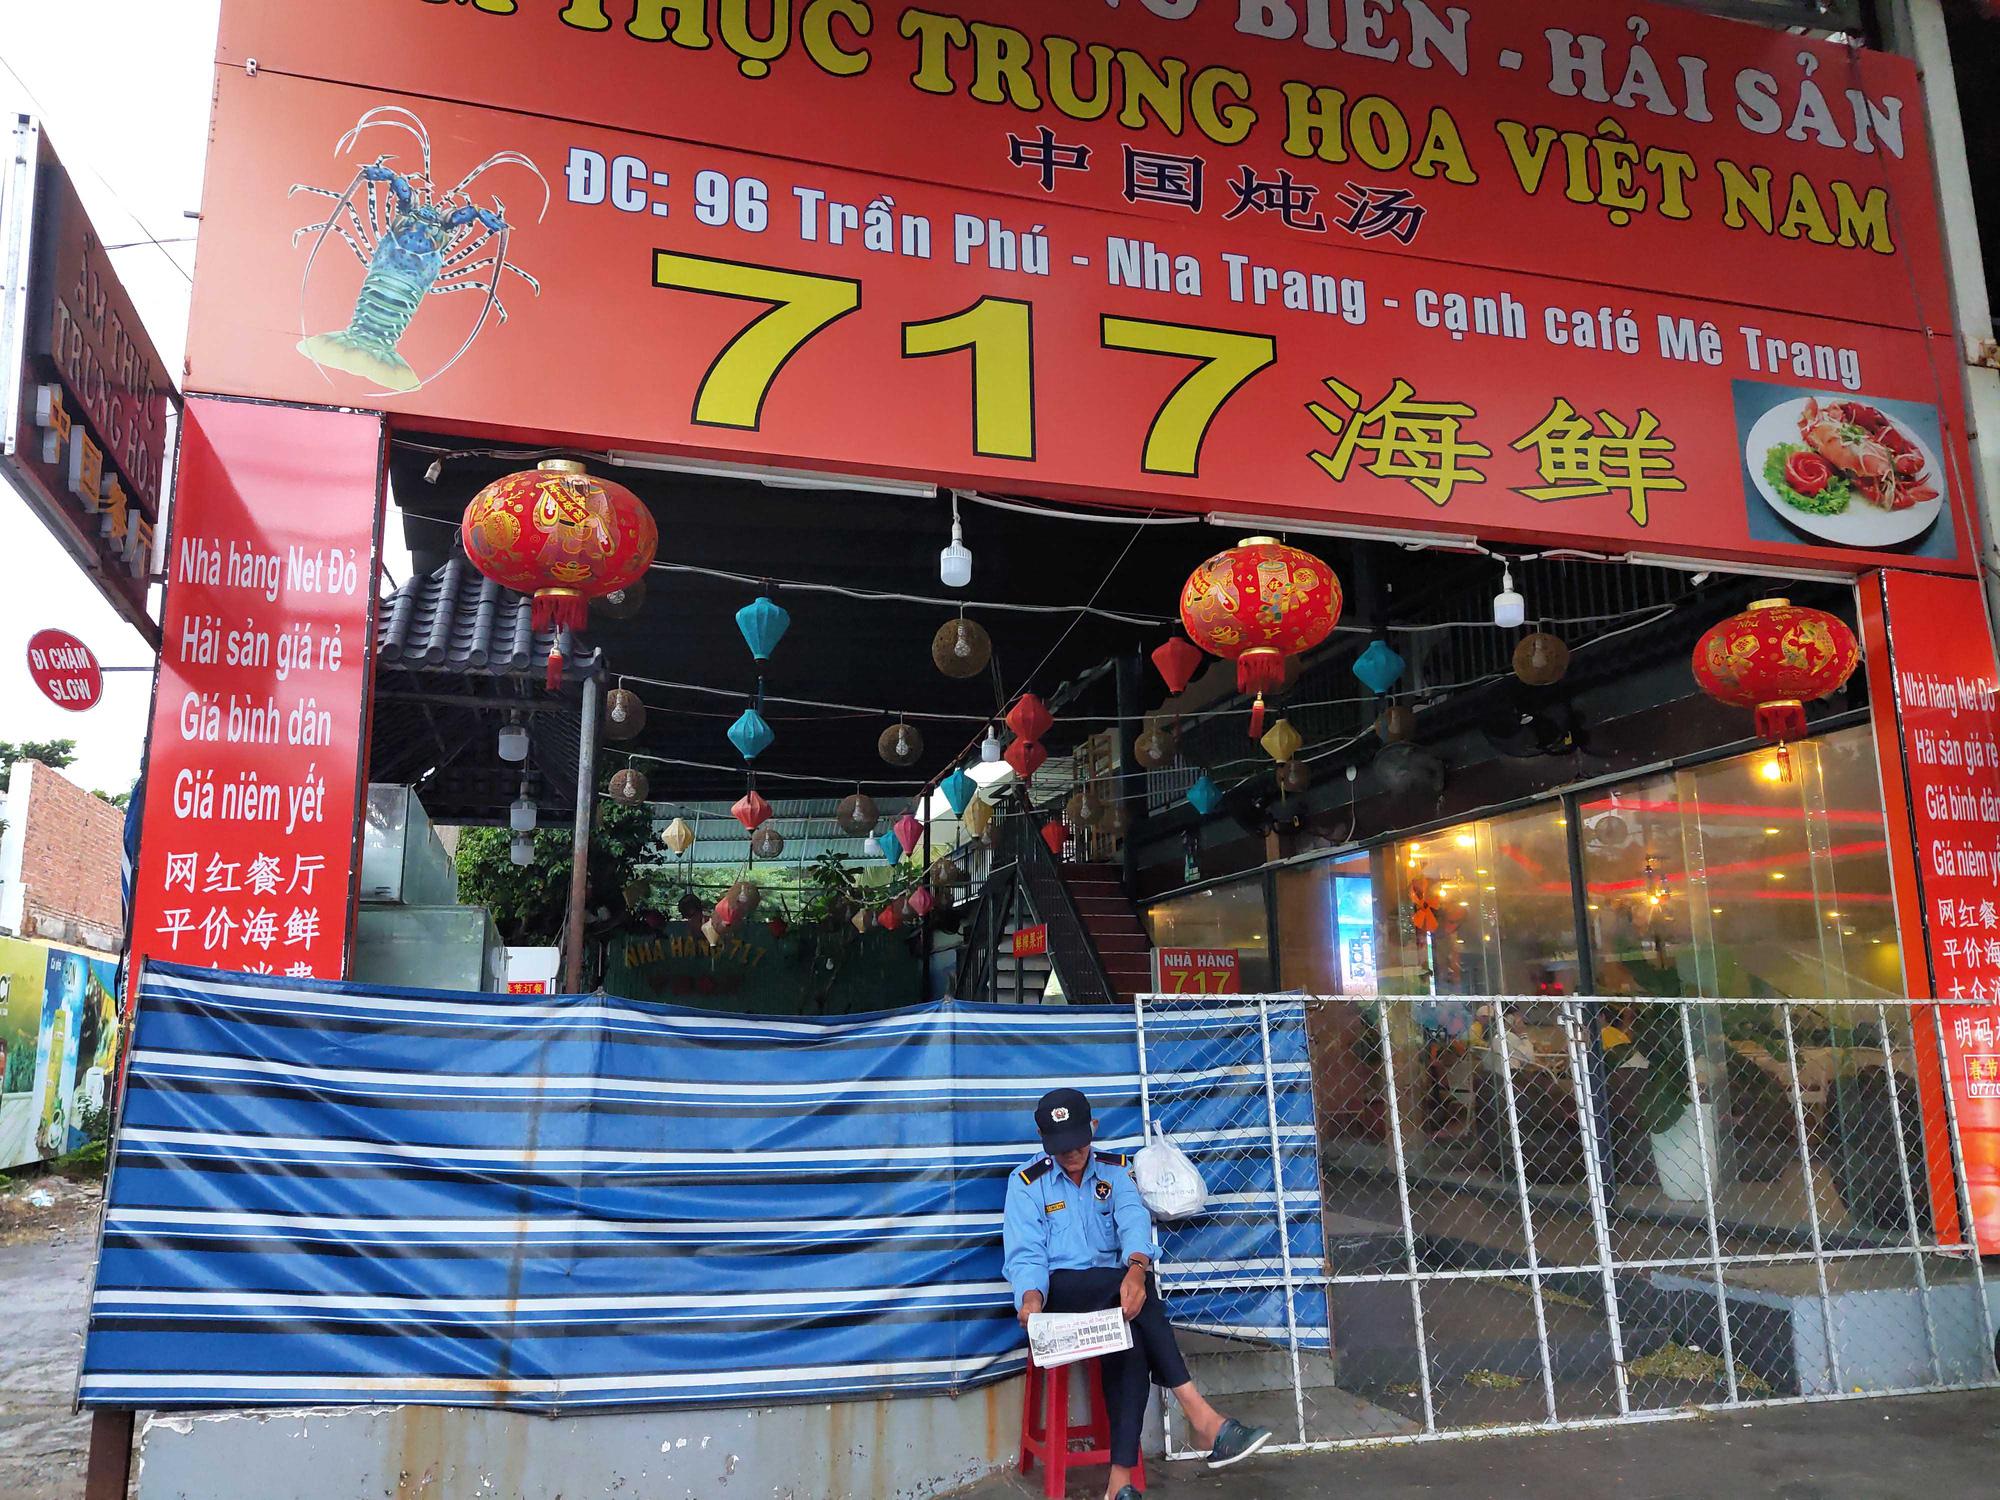 Nha Trang: Phố hải sản đìu hiu, hàng loạt nhà hàng đóng cửa trong đại dịch corona  - Ảnh 10.